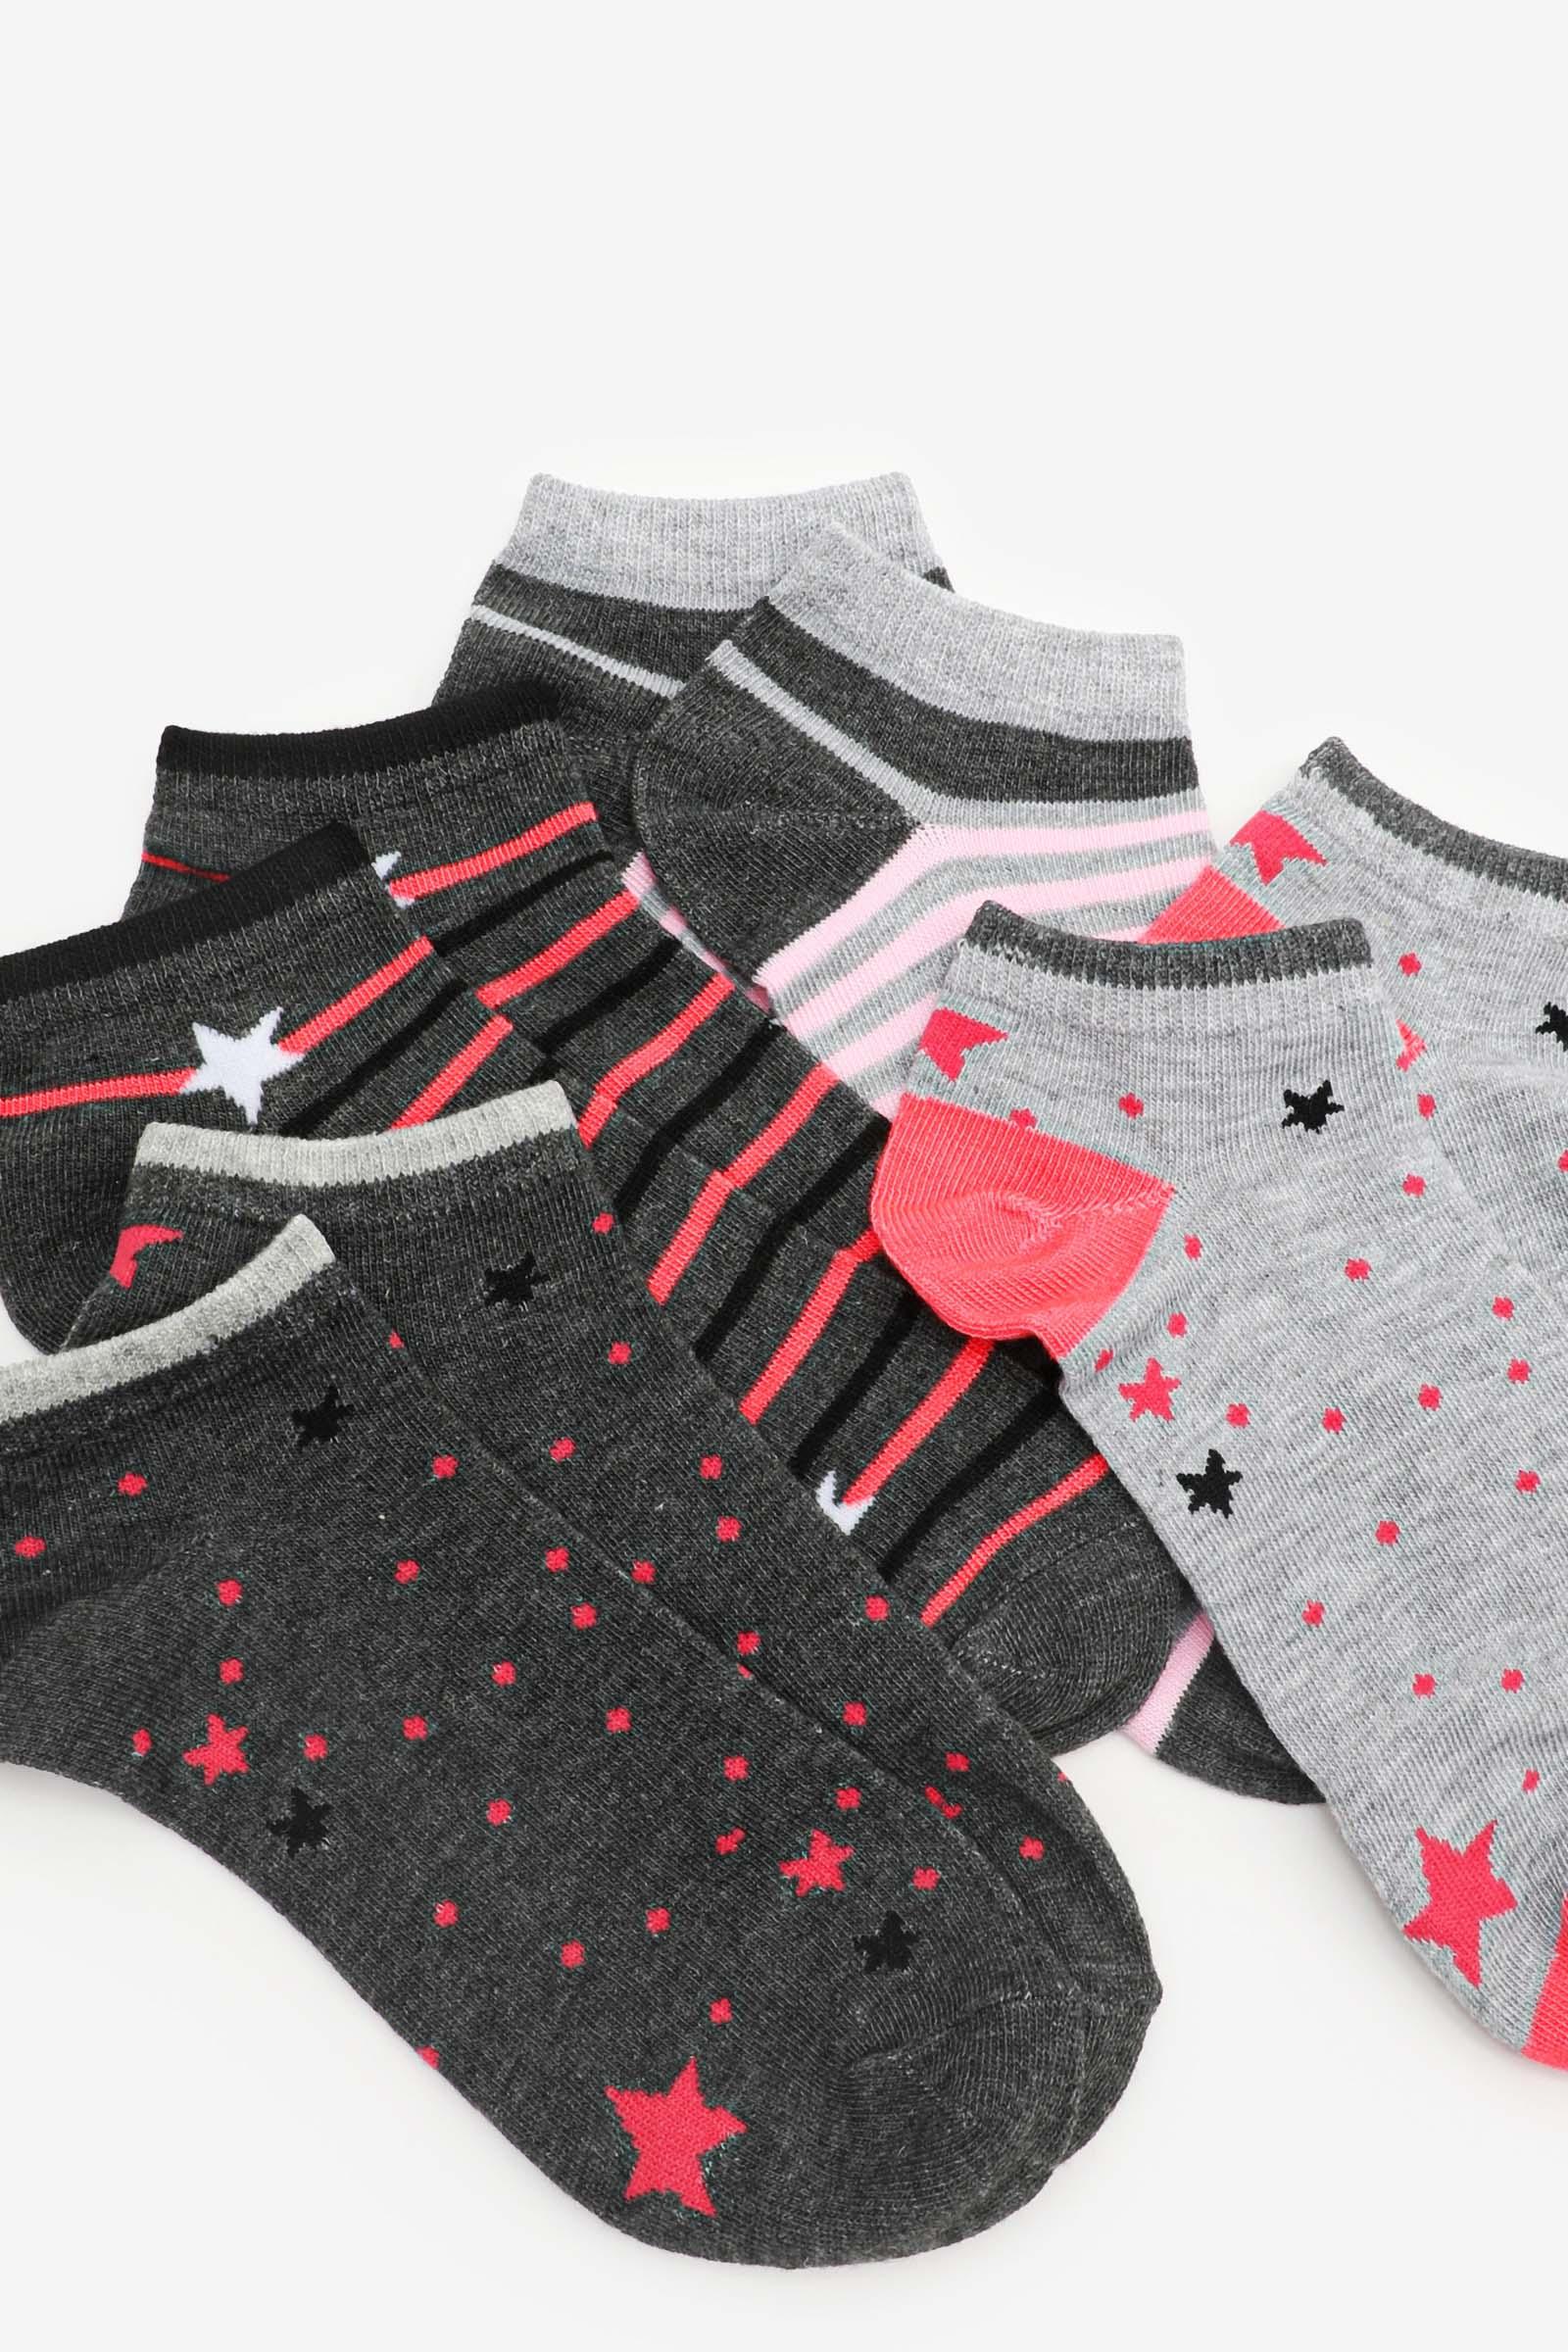 Pack of Stars & Stripes Ankle Socks